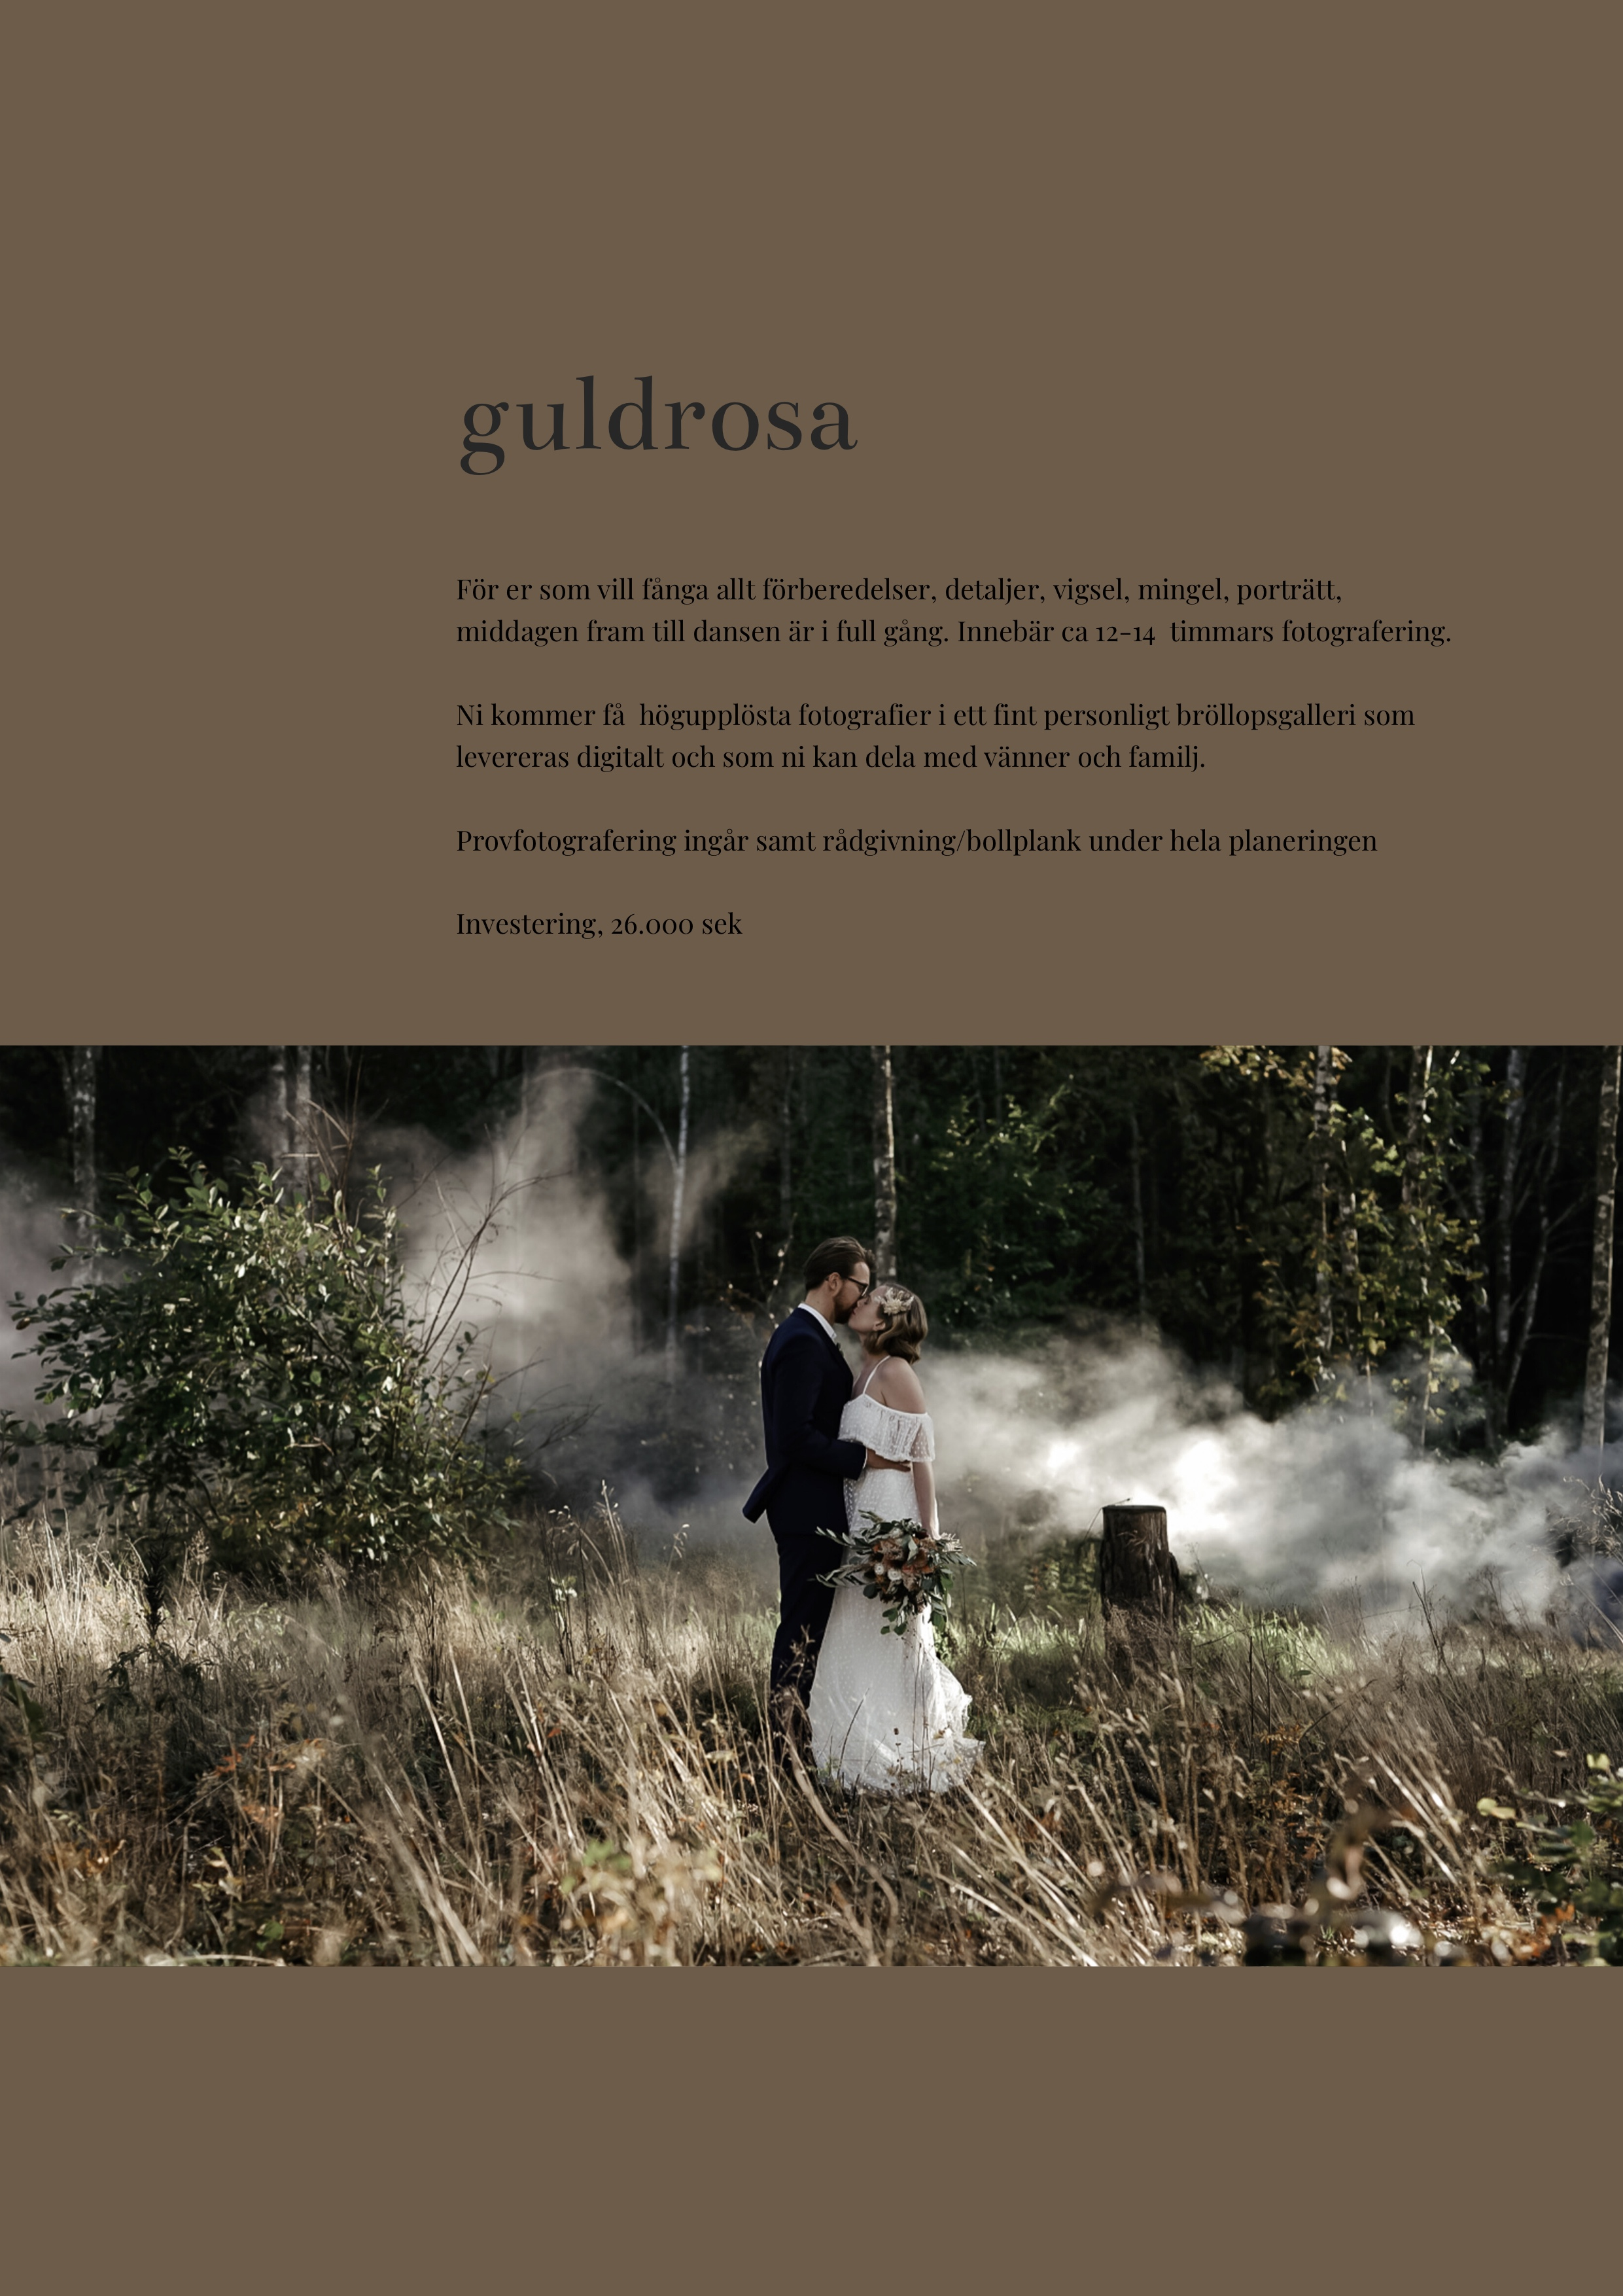 guldrosa